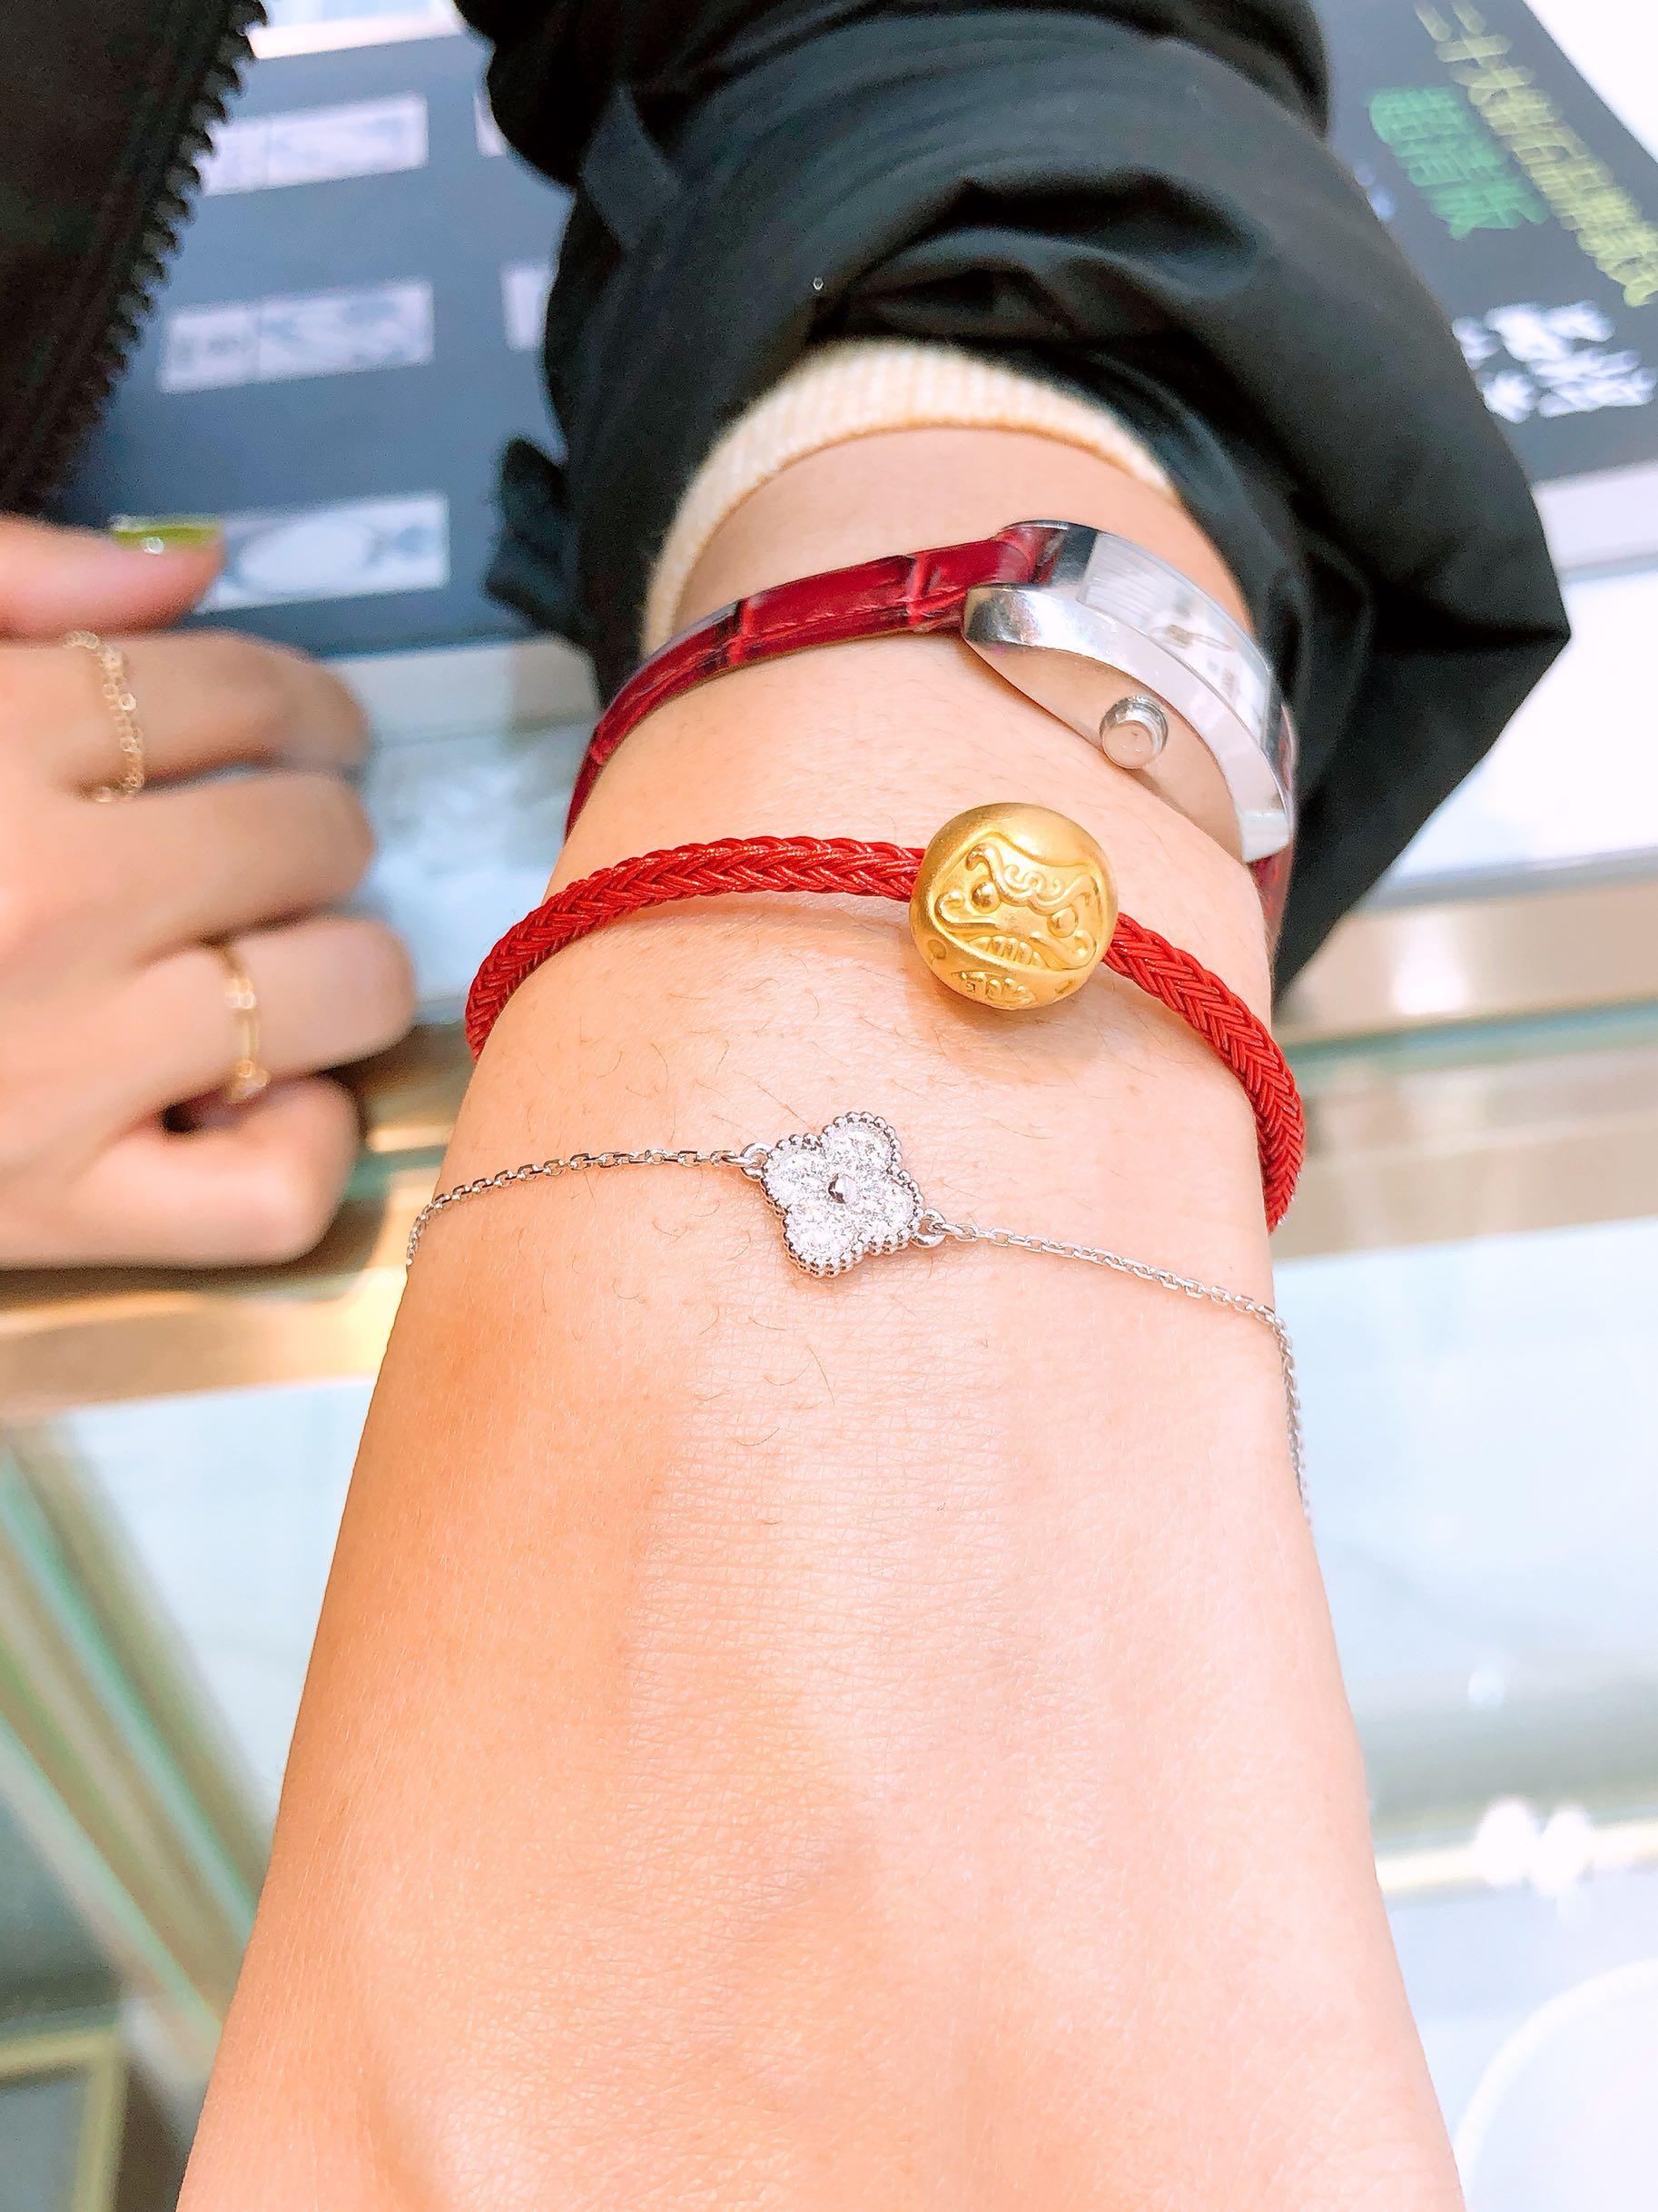 vca满钻小花手链 珠宝定制的18k金钻石手链 实体经营买家秀